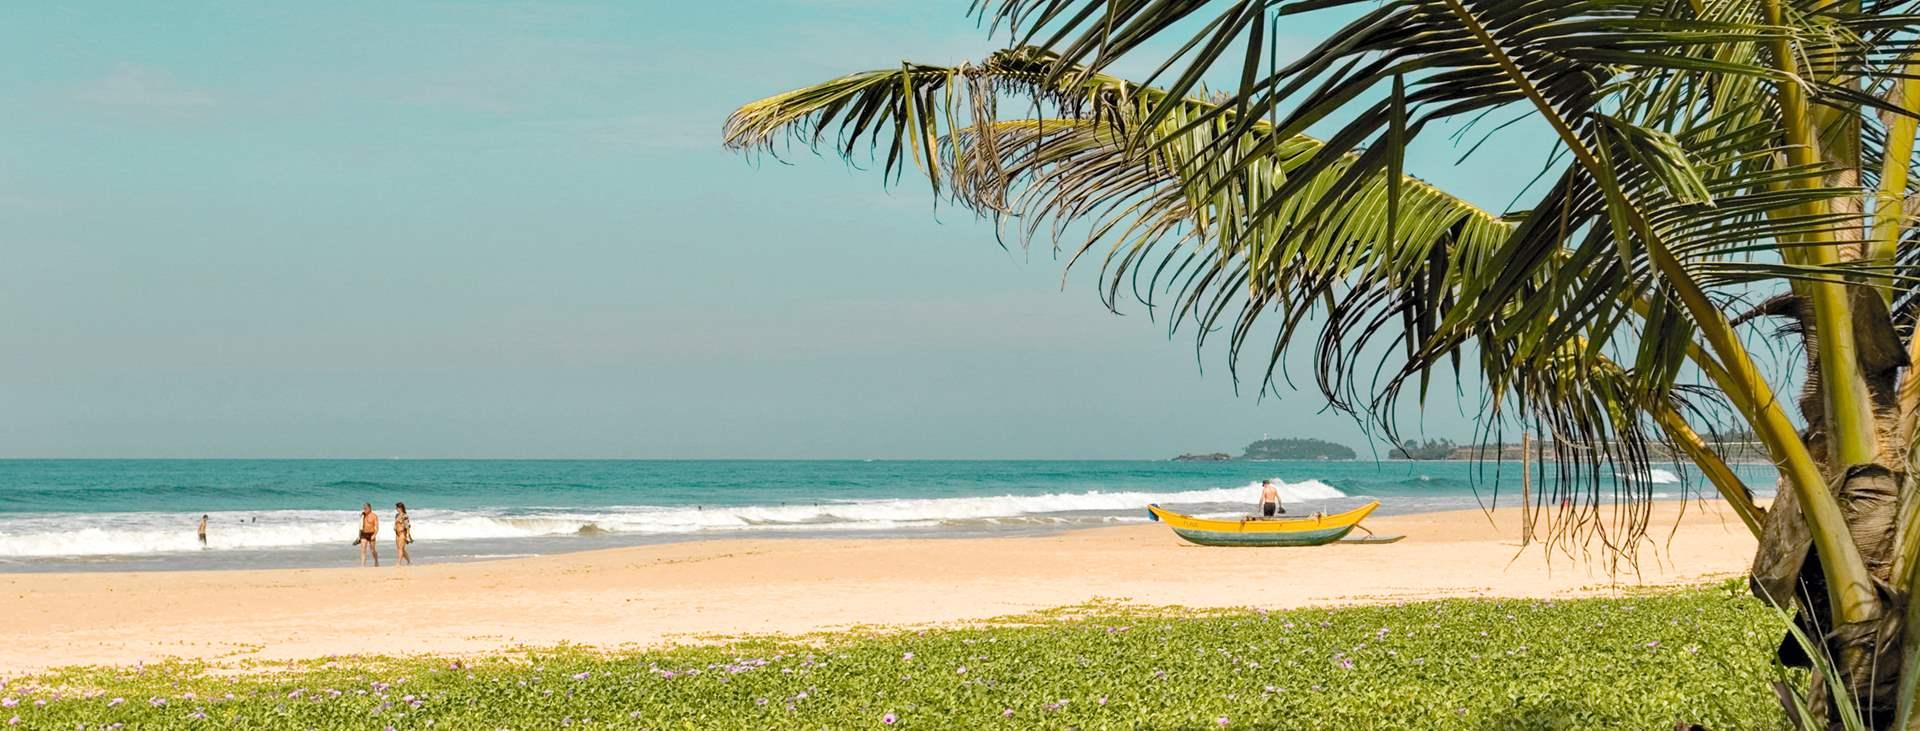 Varaa matkasi Tjäreborgilta Bentotaan, Sri Lankaan